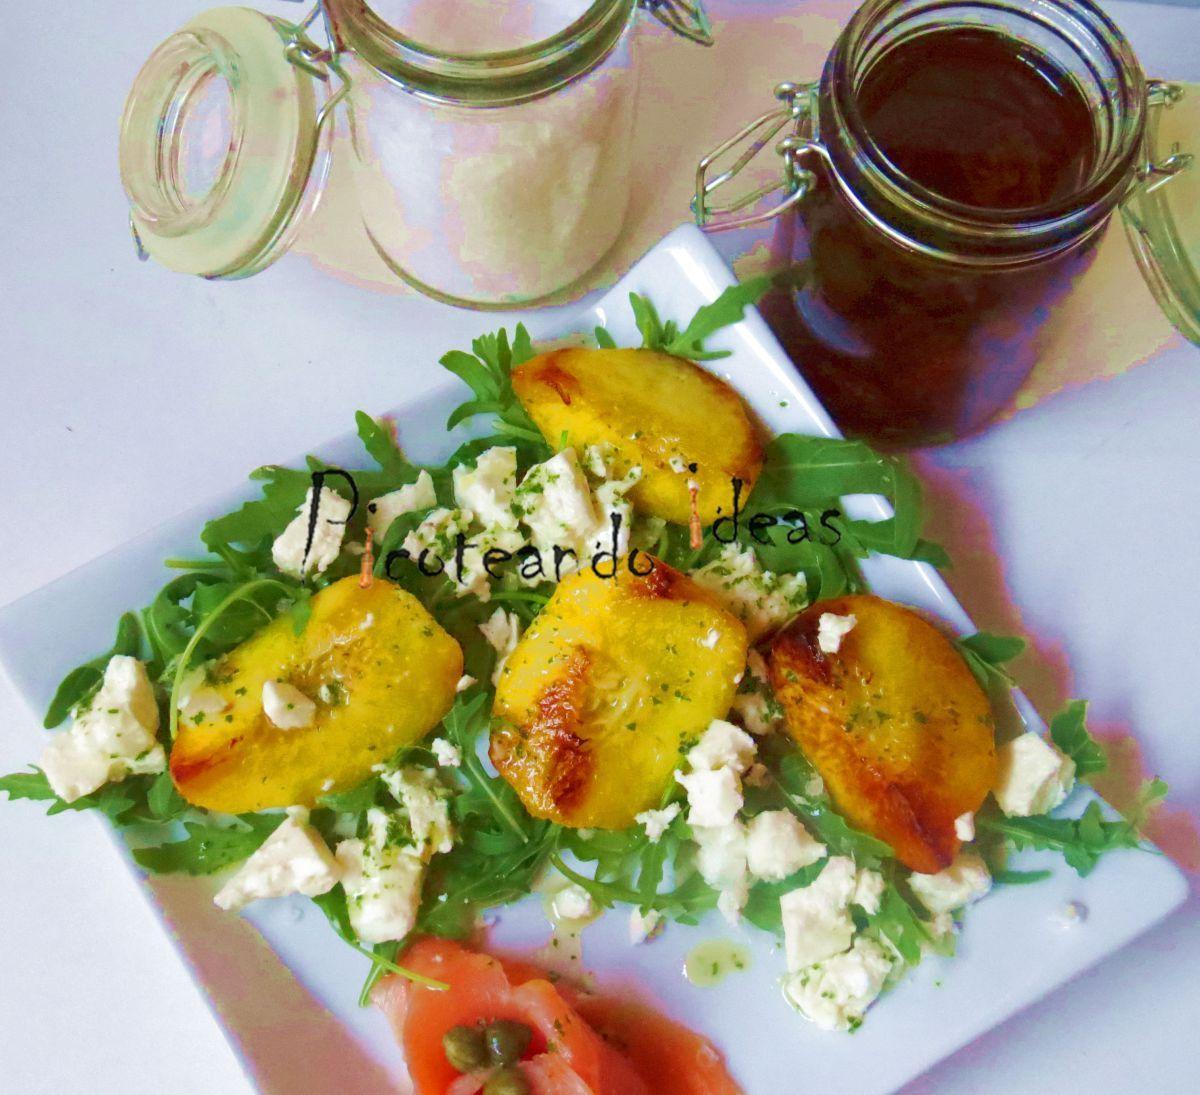 Hoy he preparado una ensalada de melocotón a la plancha con vinagreta hierbabuena que está mas buena de lo que yo me esperaba. Os comento, para este mes en #Juegodeblogueros se votó el melocotón y …